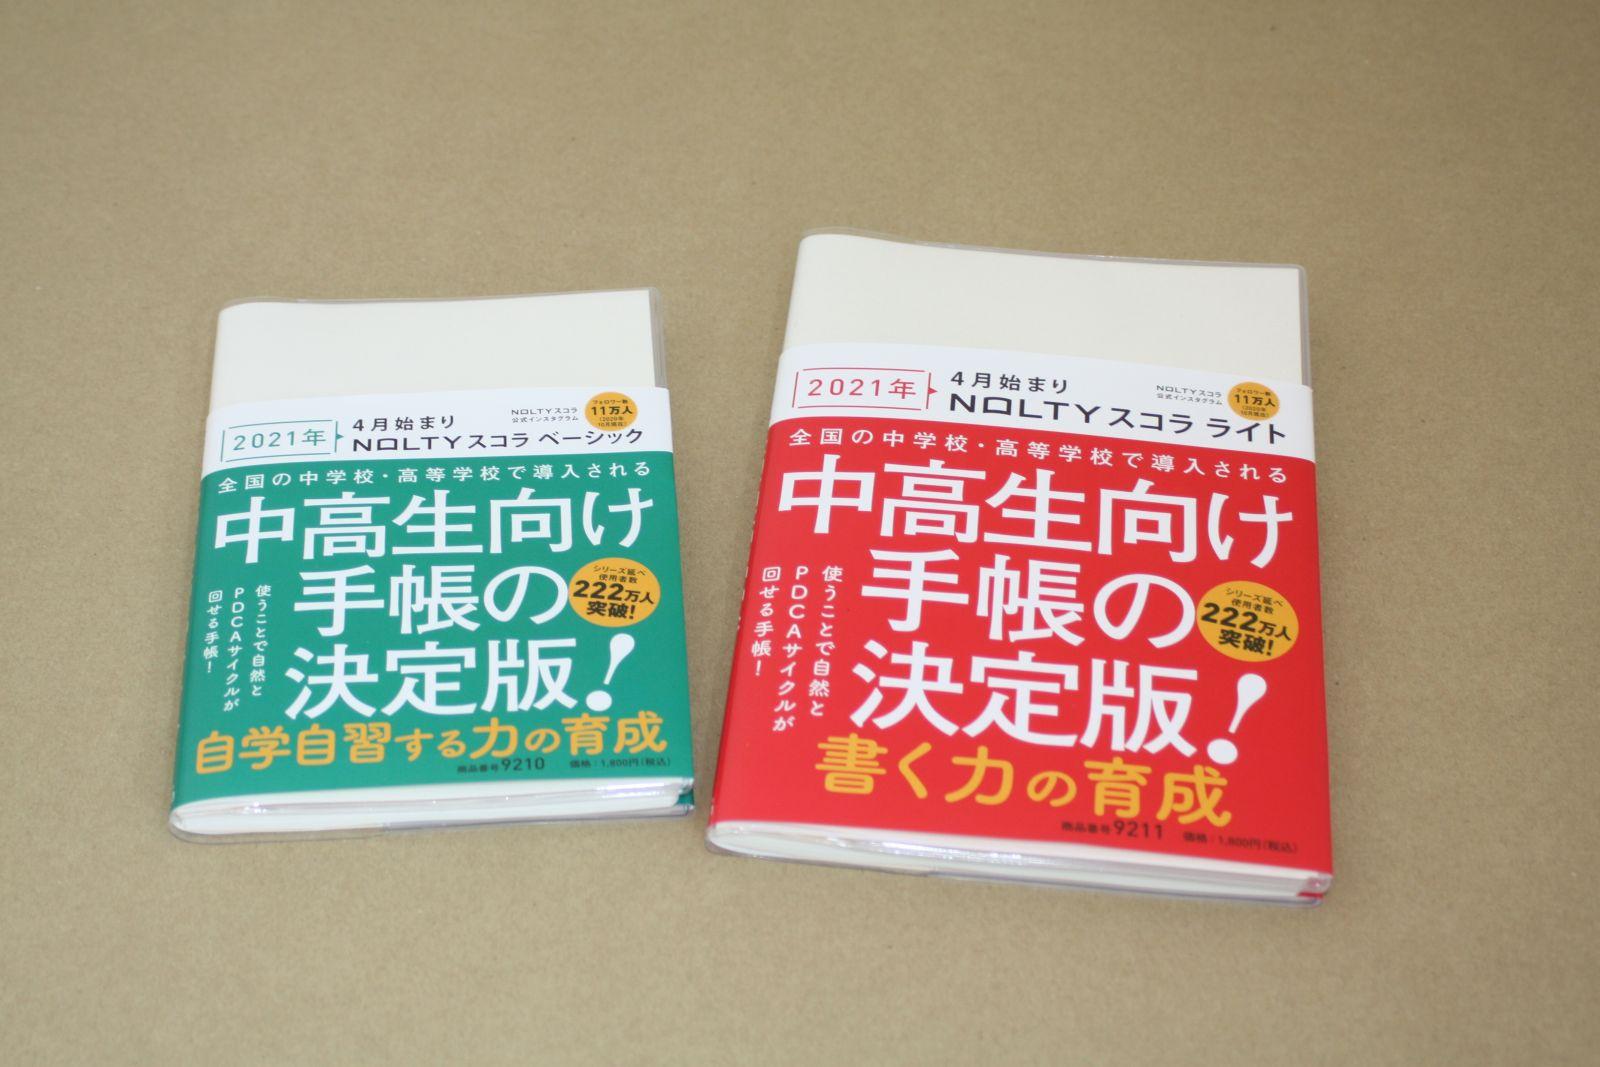 2021年おすすめの文房具11:日本能率協会「NOLTY スコラ」